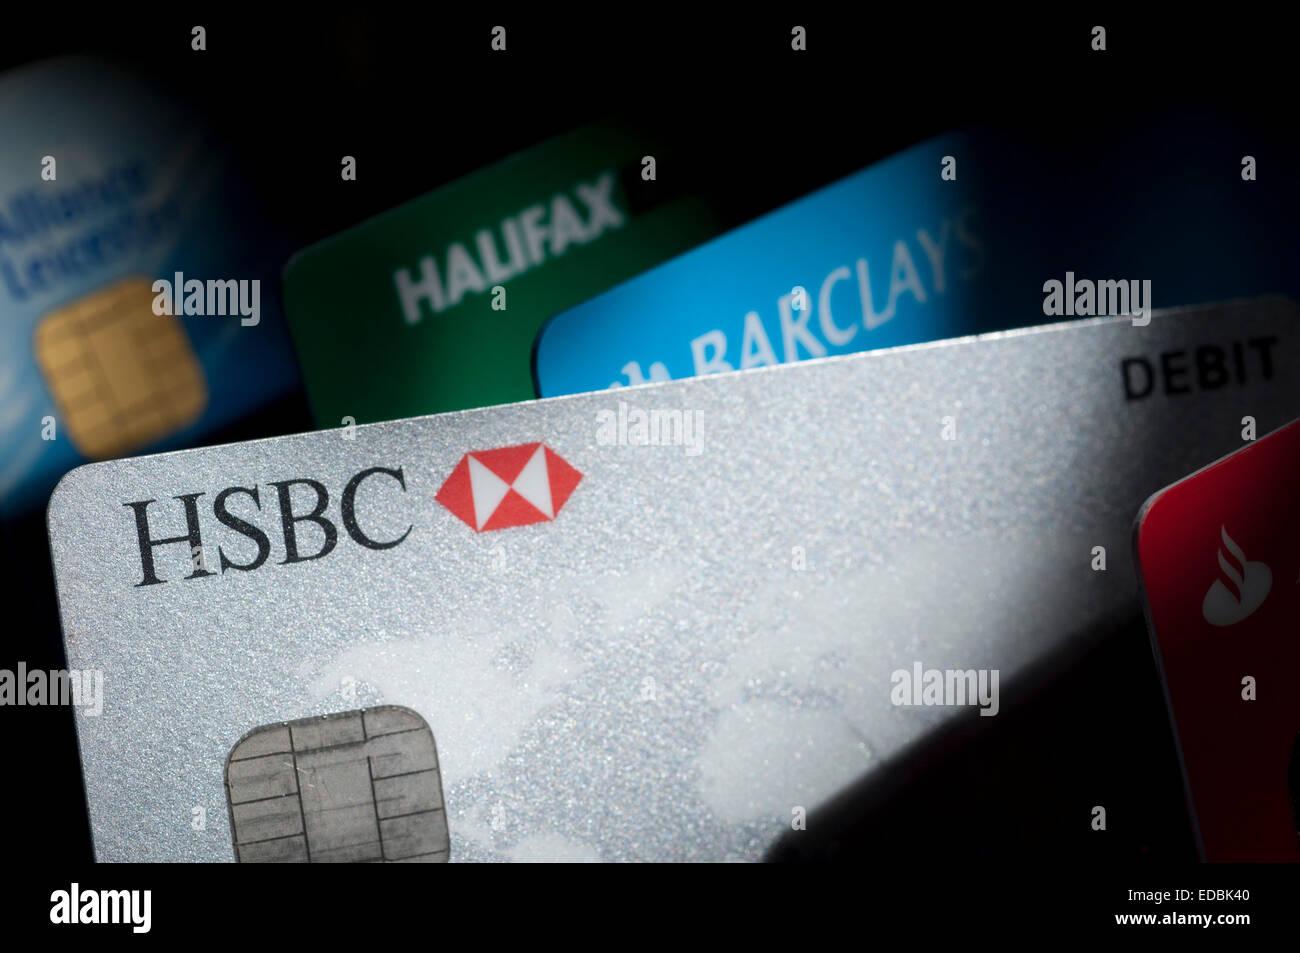 Bank Cards And Hsbc Stock Photos & Bank Cards And Hsbc Stock ...